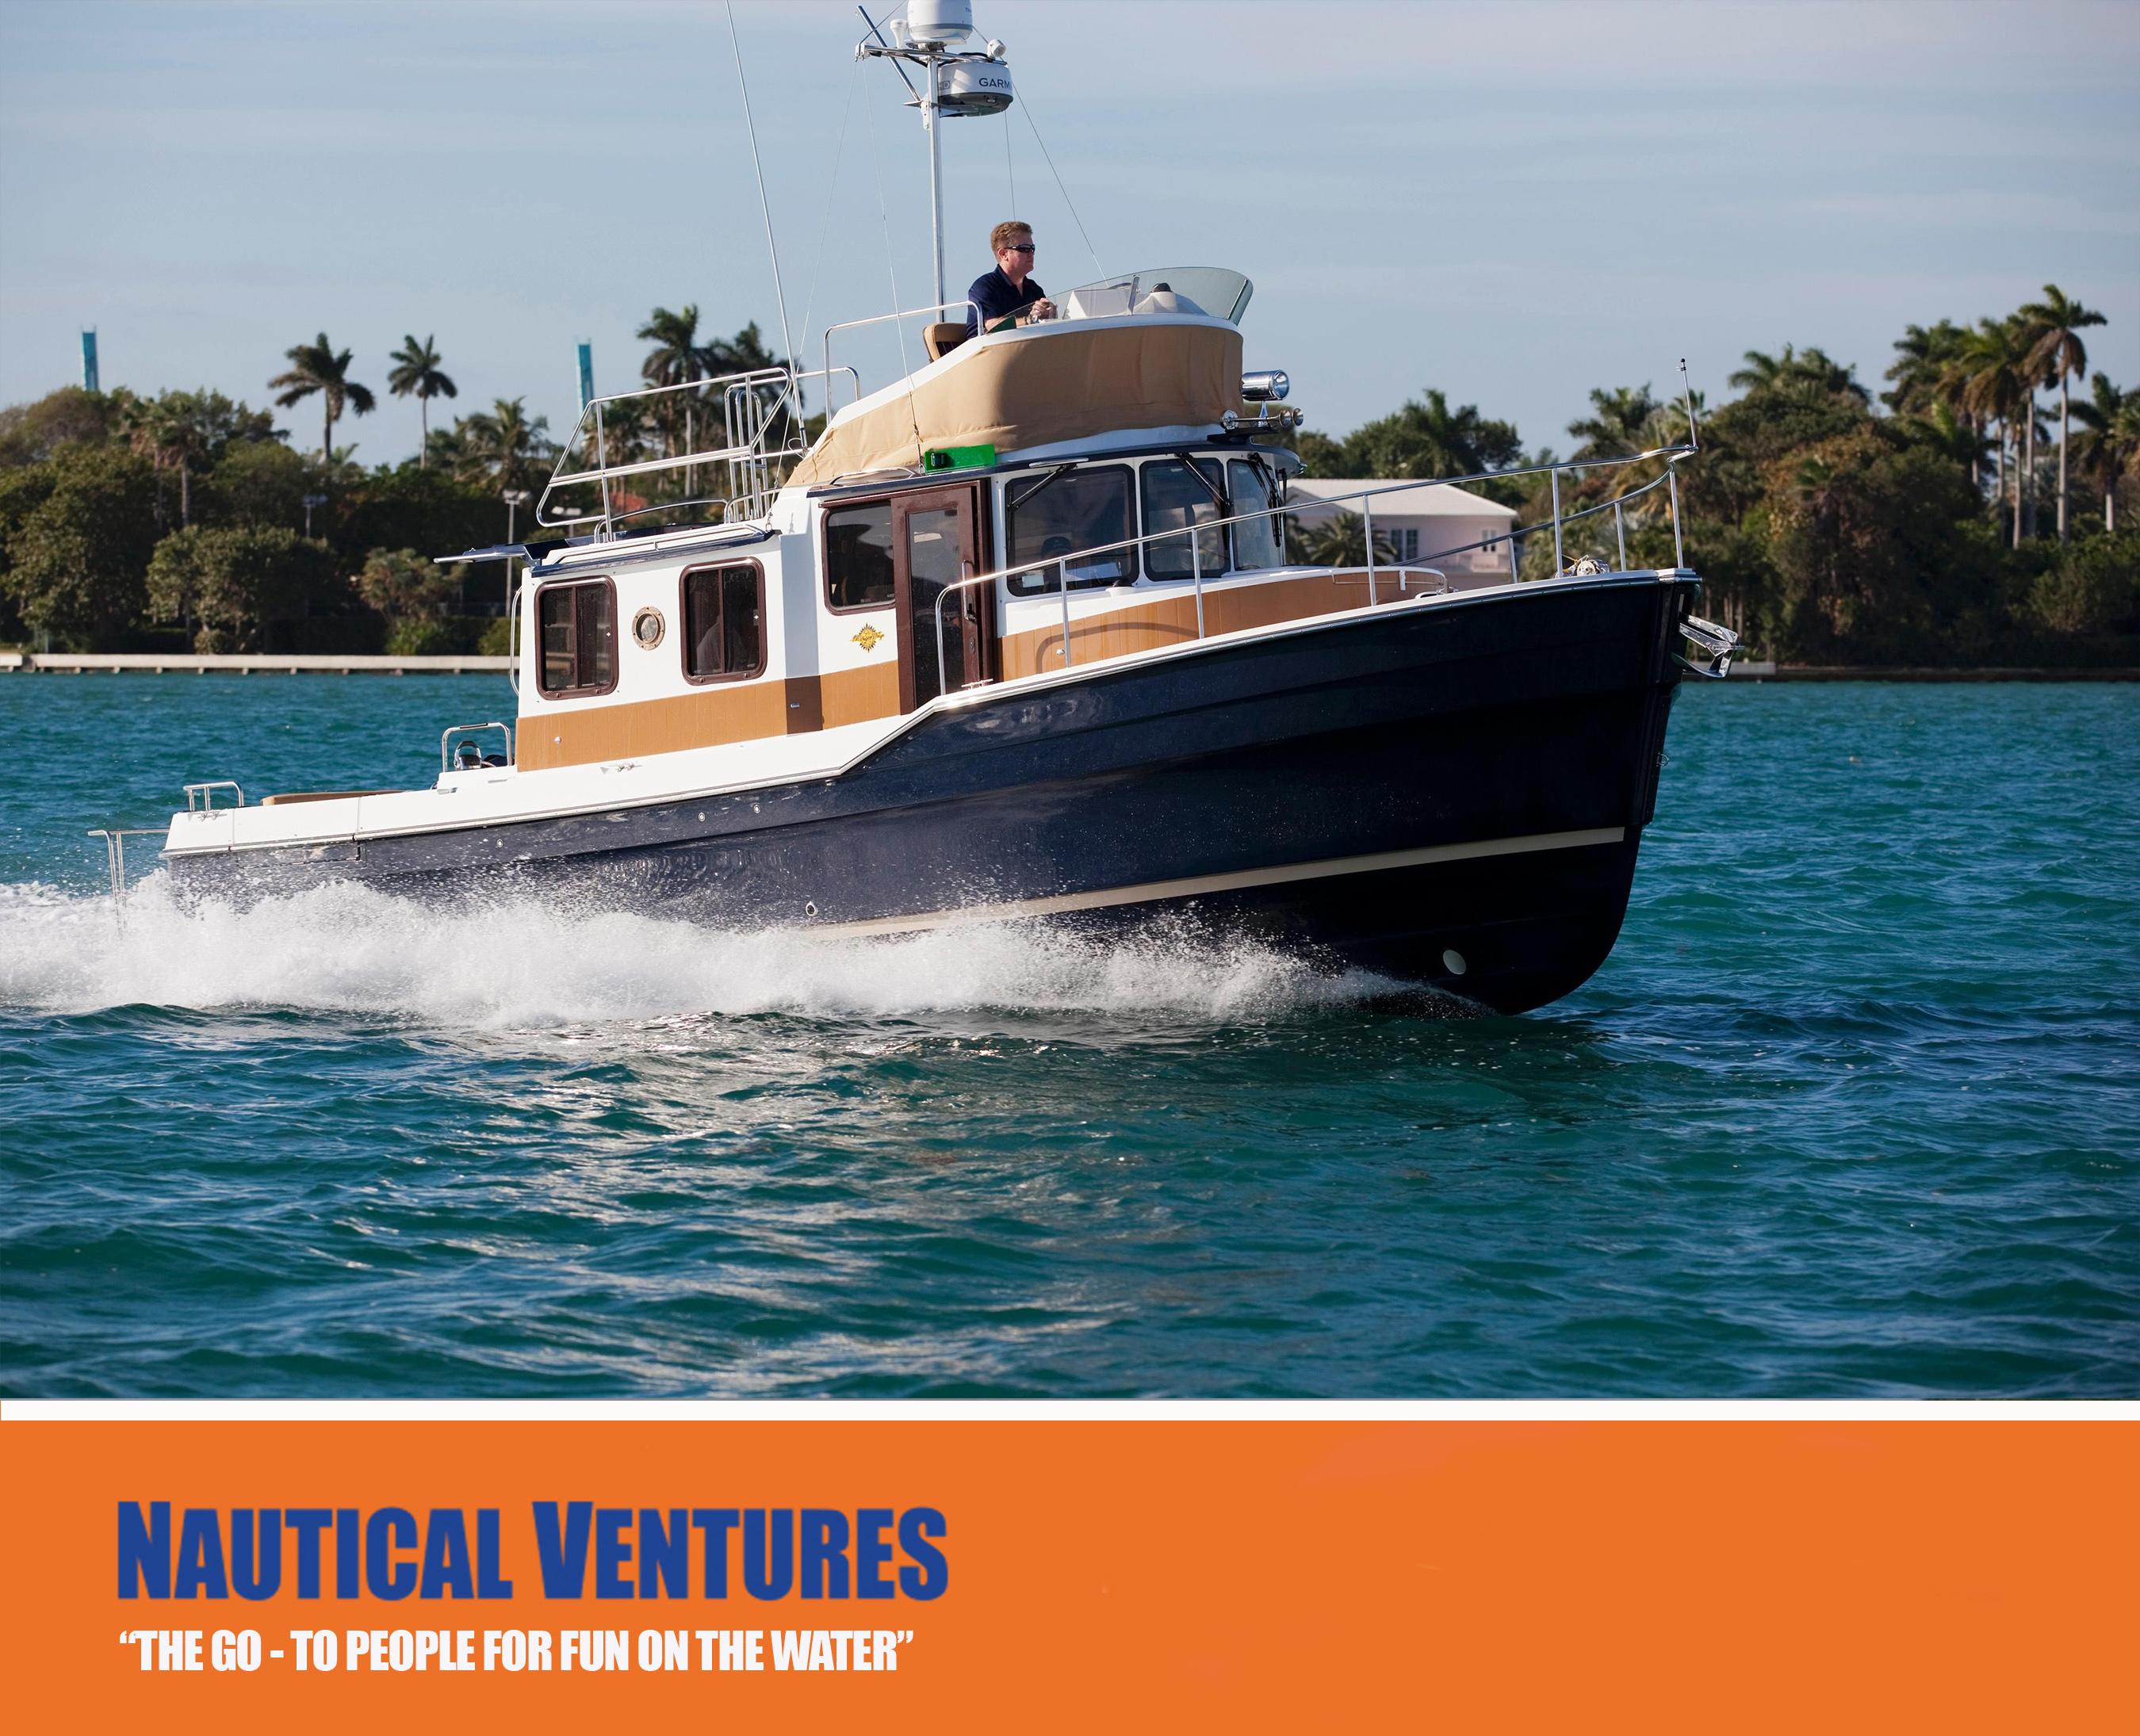 The Ranger Tug Boat R-31 CB - Your Home Port Wherever Home